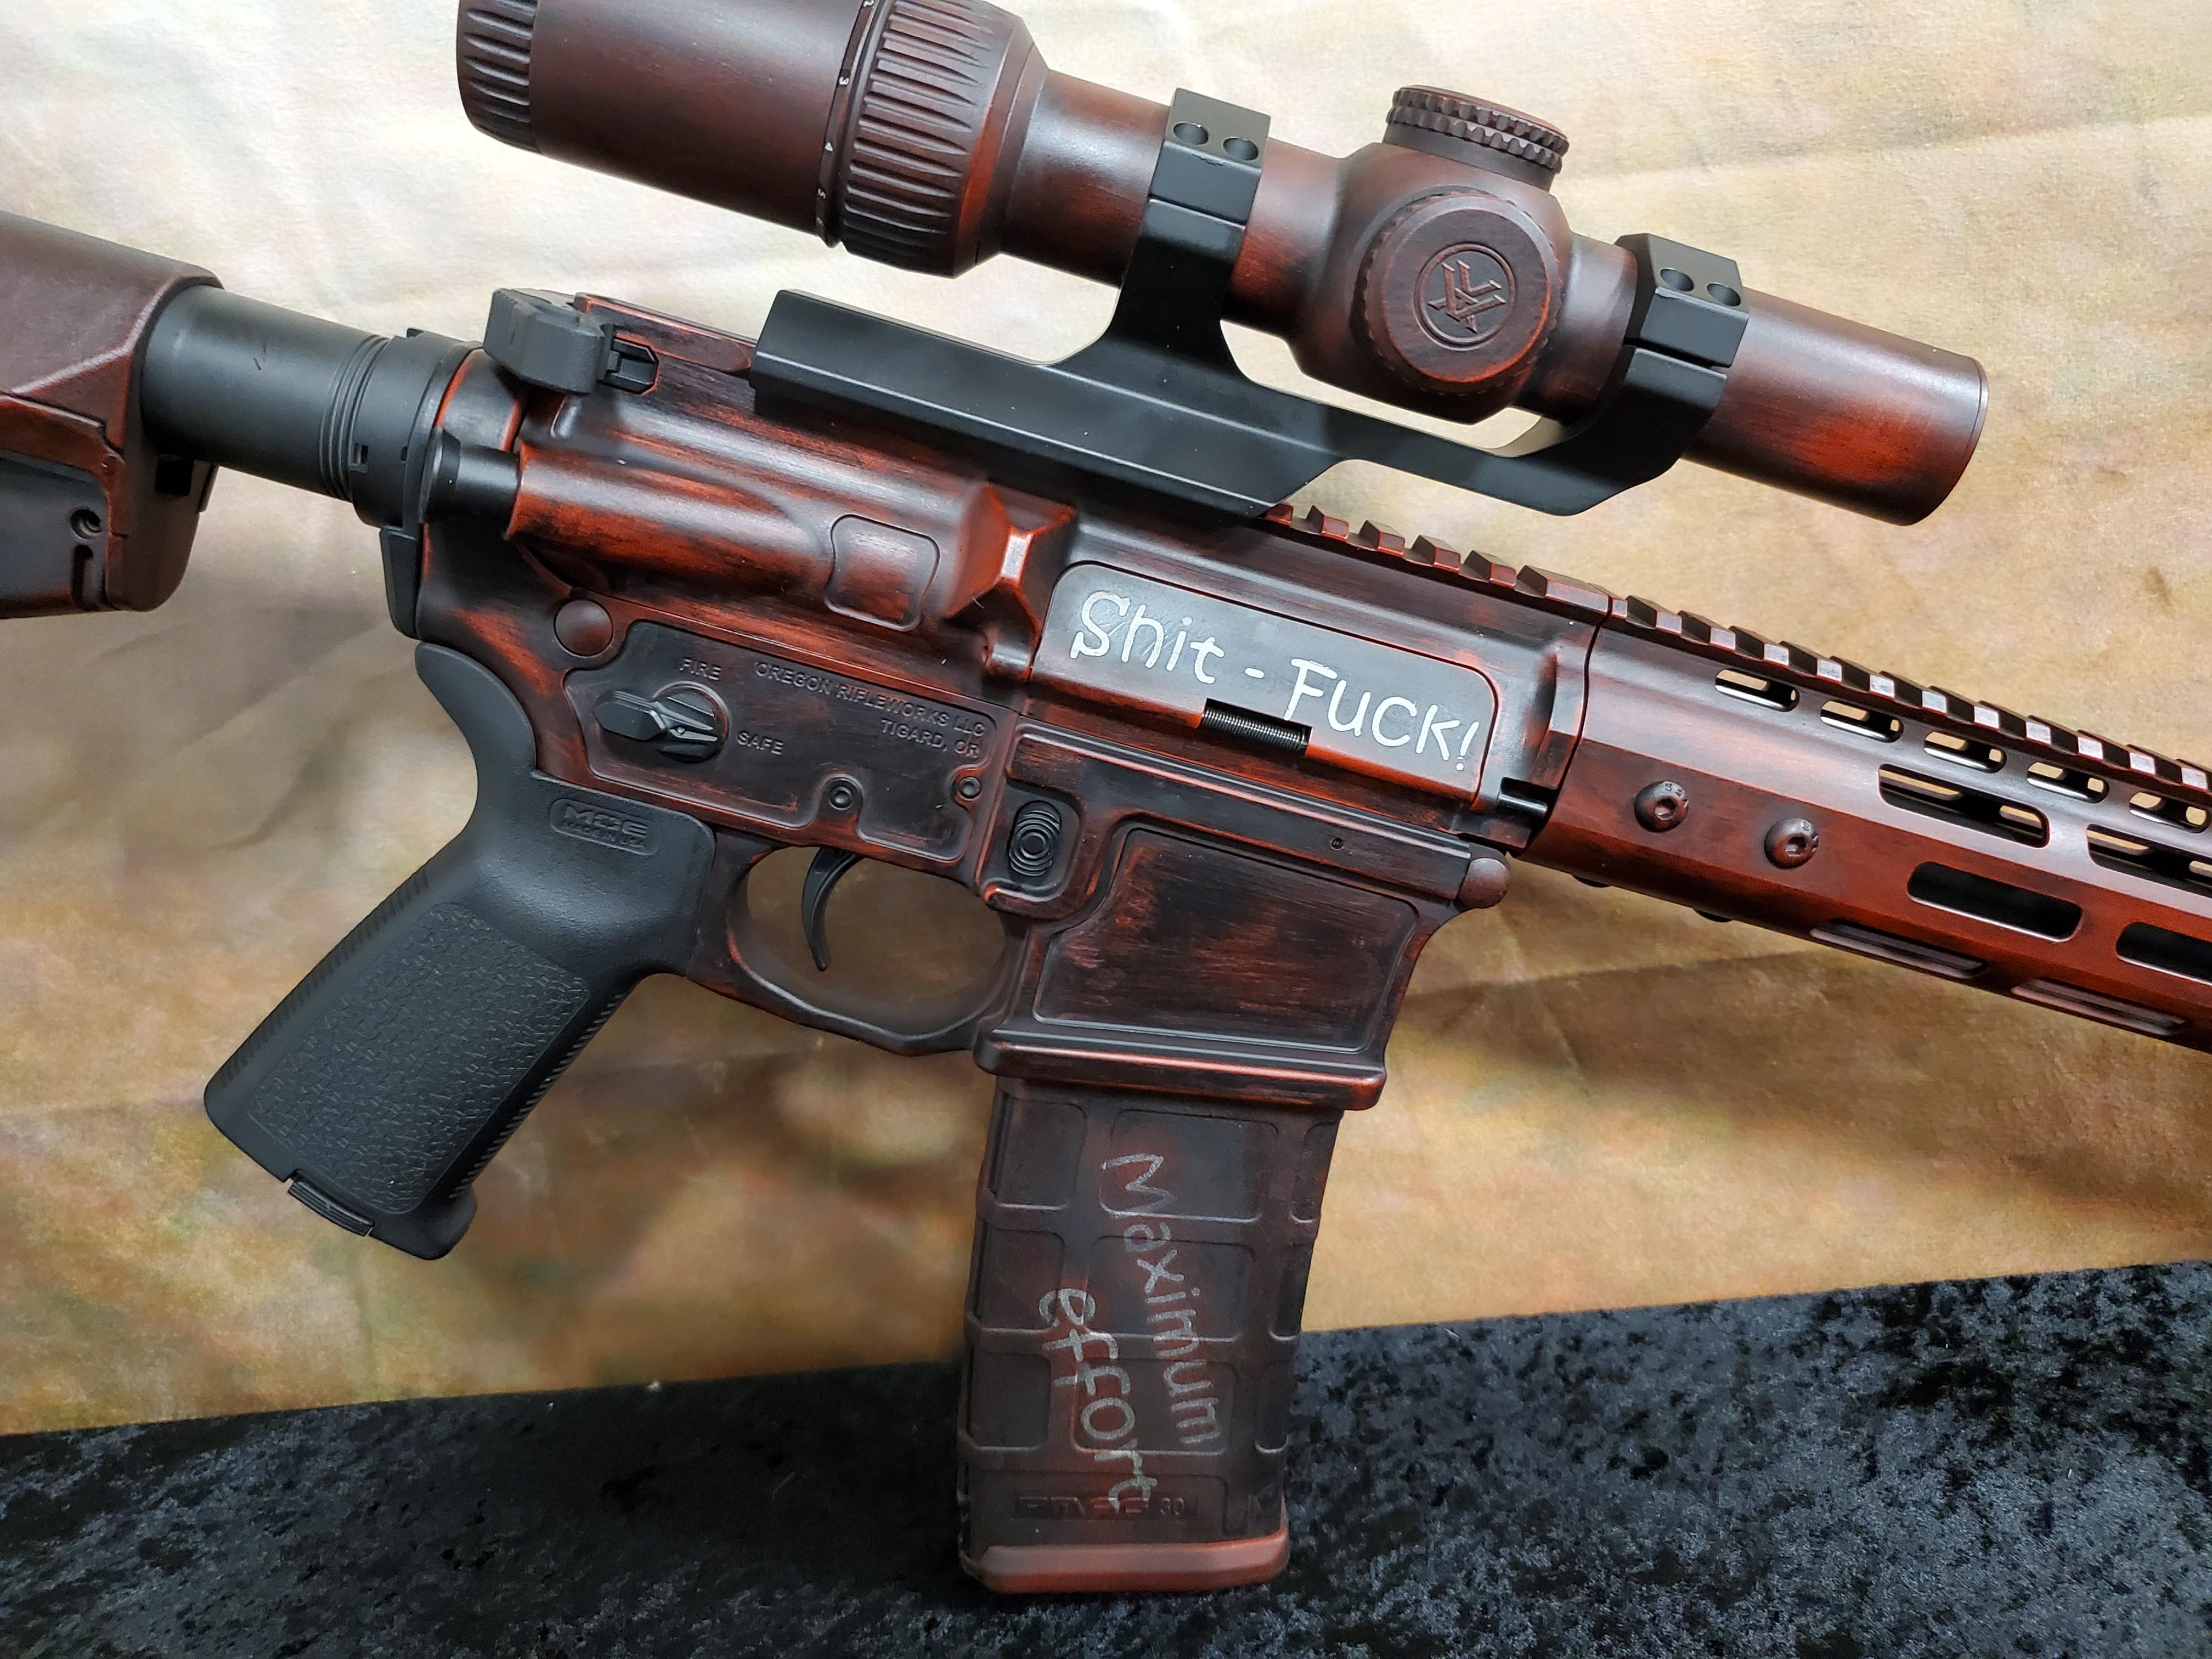 DeadPool AR15 Cerakote